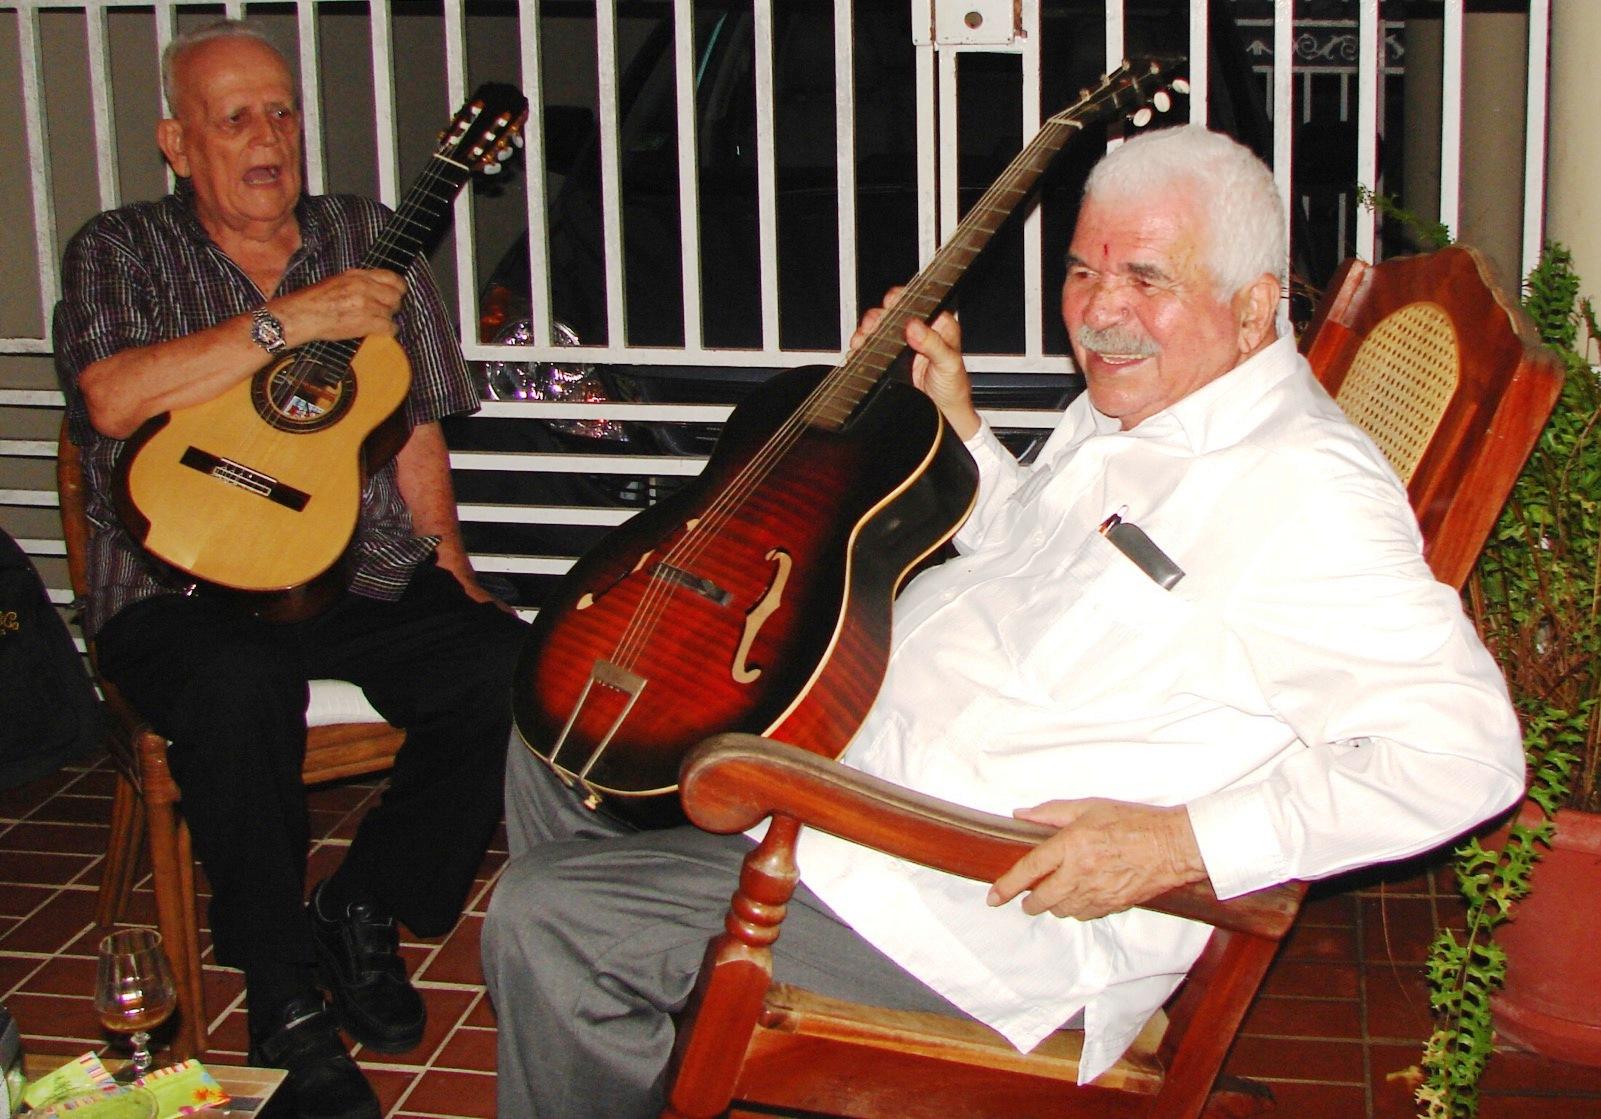 Hombre de profunda inquietud patriótica, Rafael Scharron comparte aquí con el líder nacionalista Rafael Cancel Miranda. (Foto suministrada)